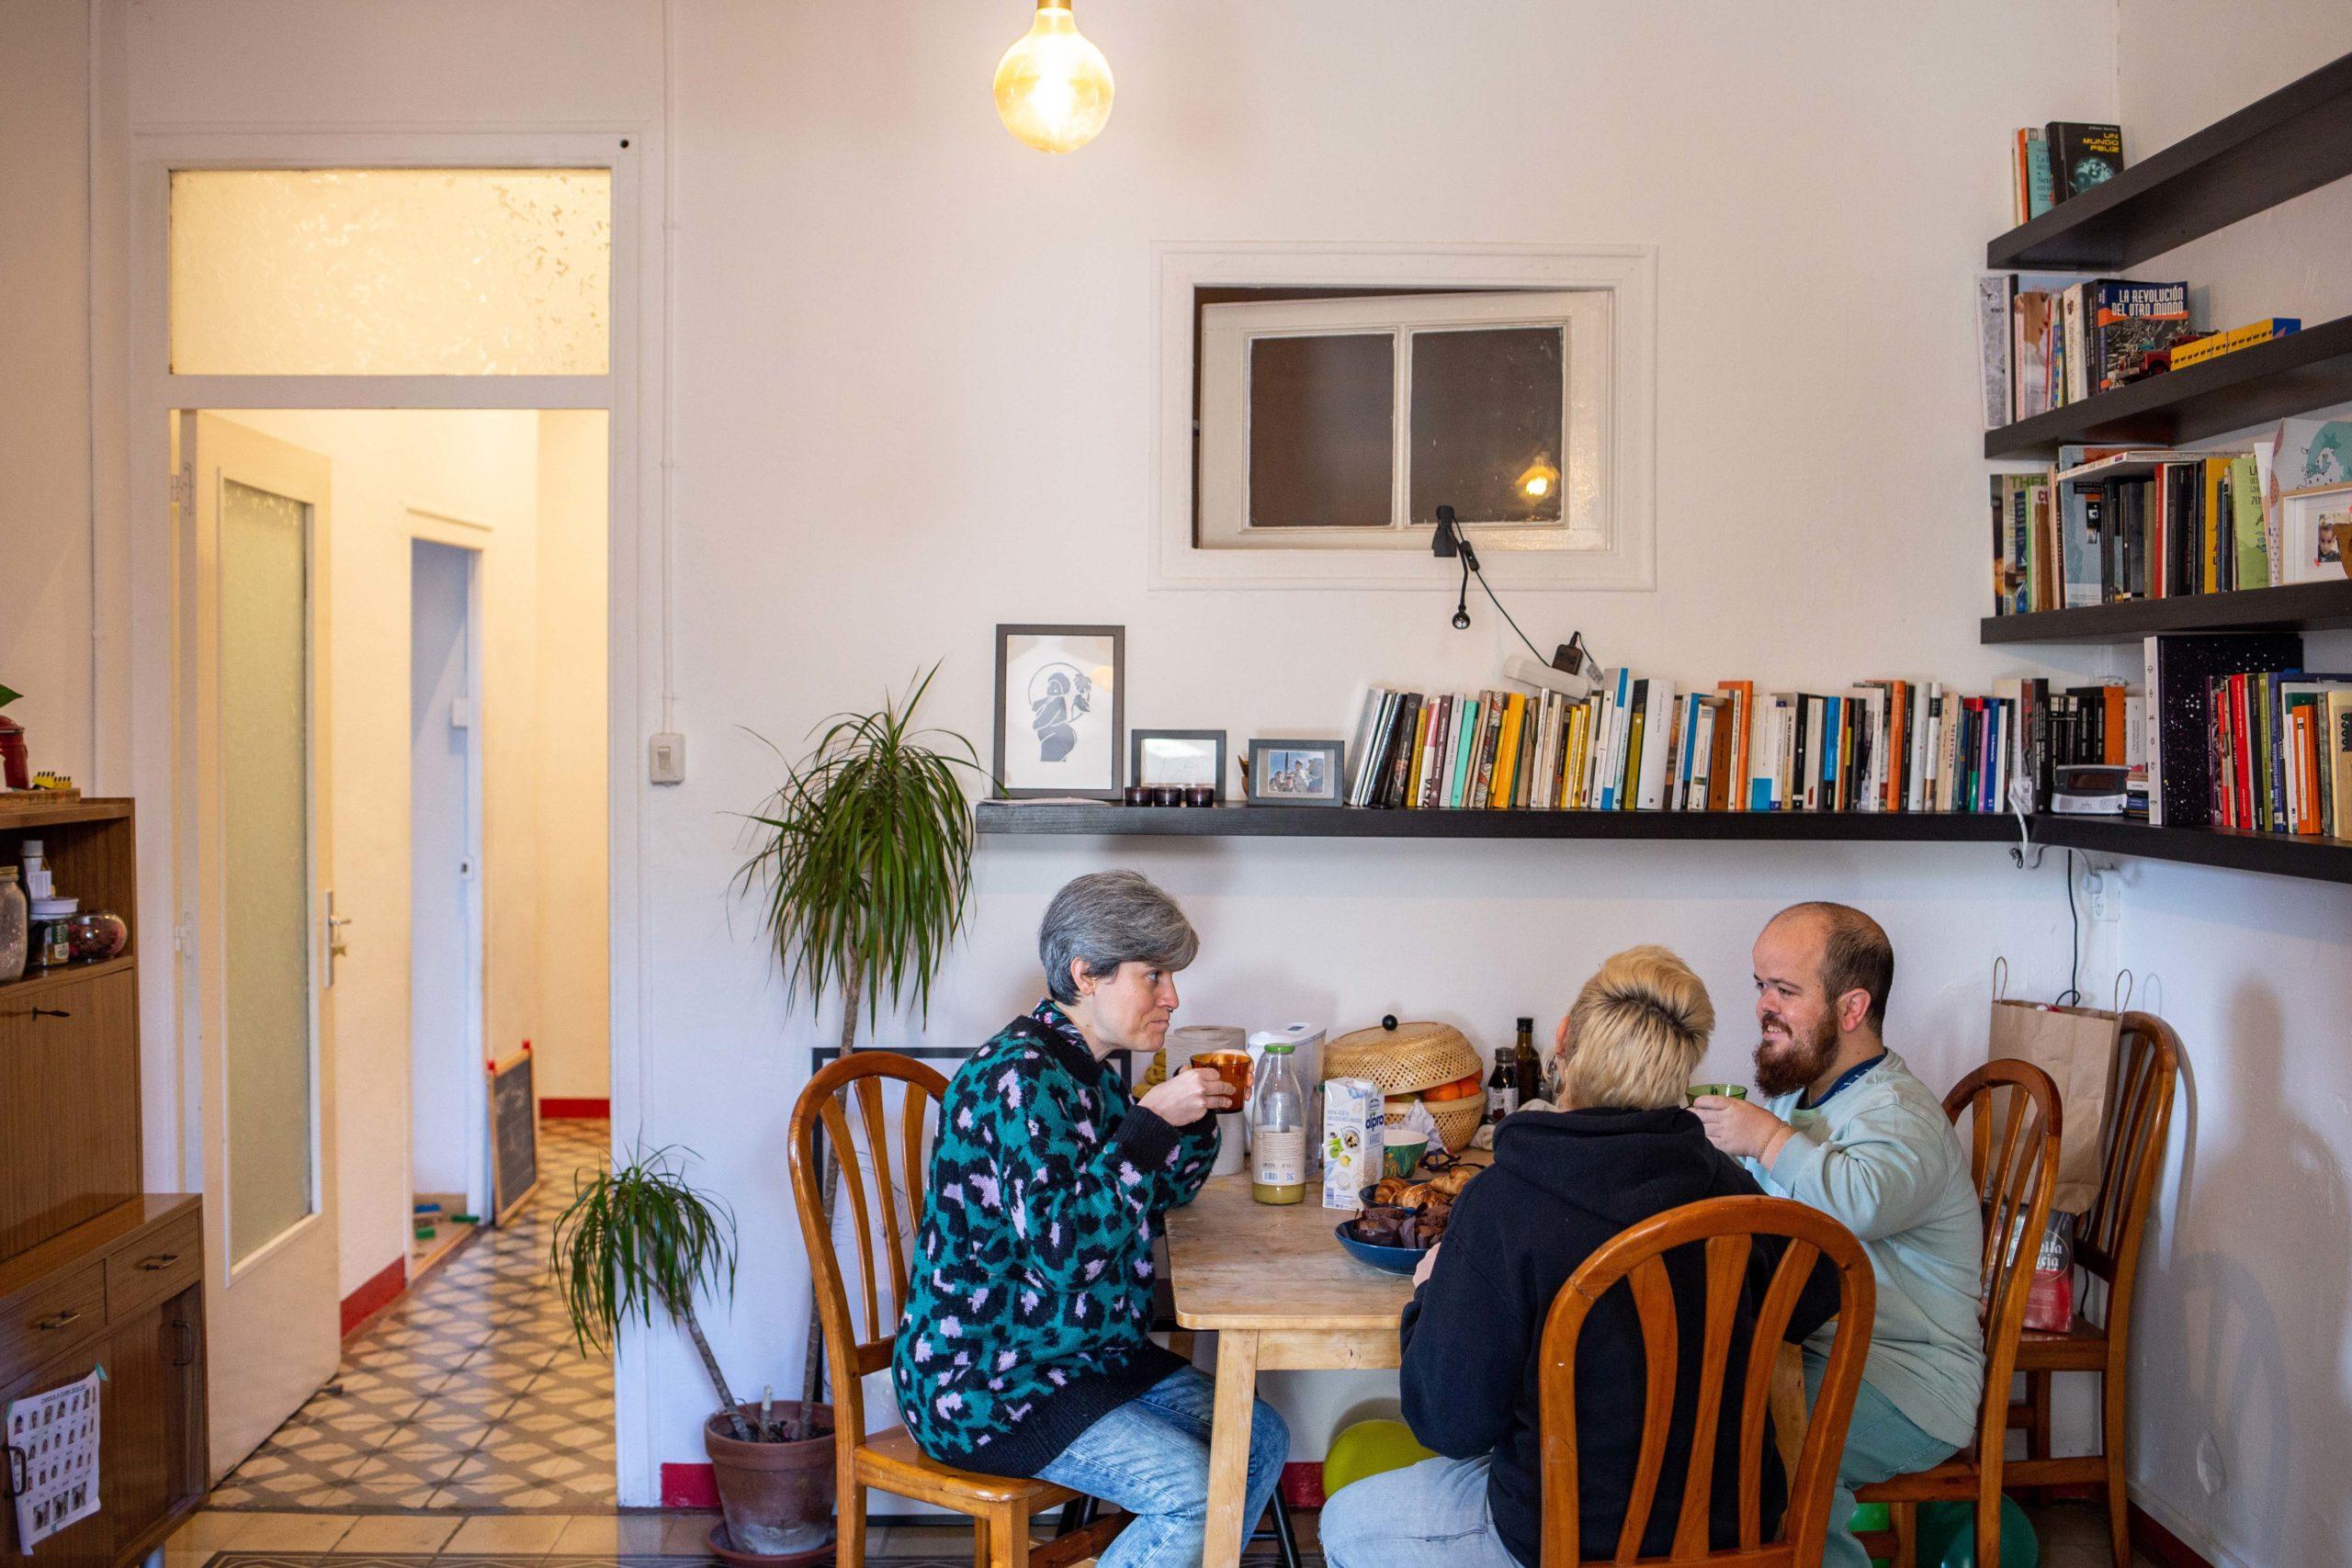 Tres companyes de pis al menjador de casa esmorzant plegades